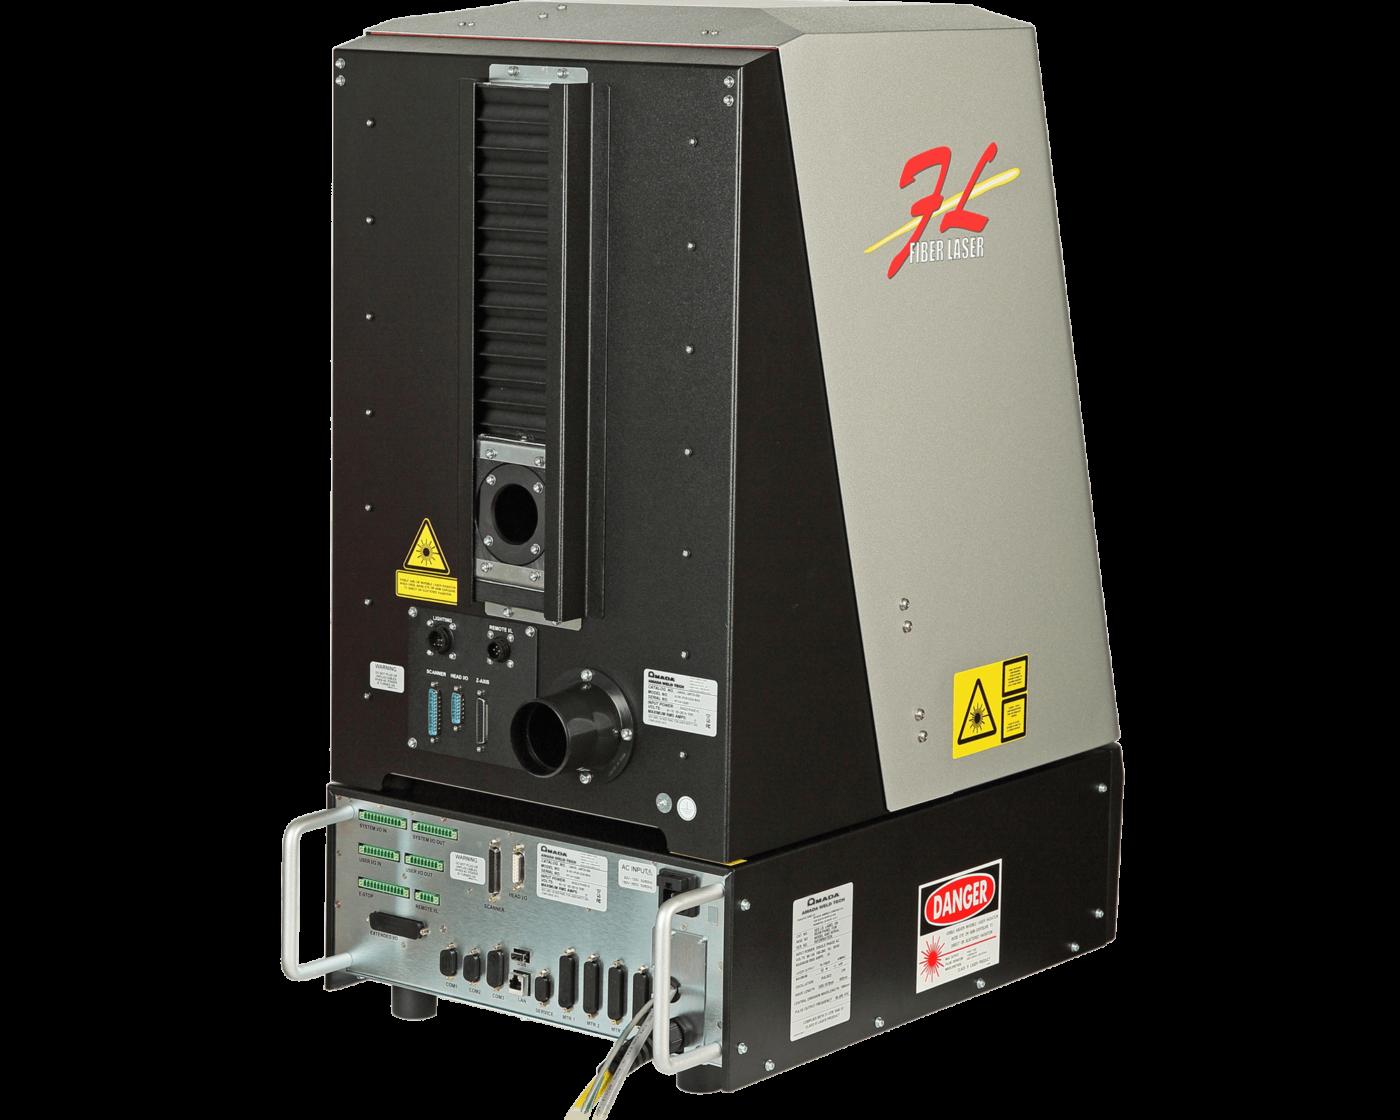 WL-100A Laser Marking Workstation